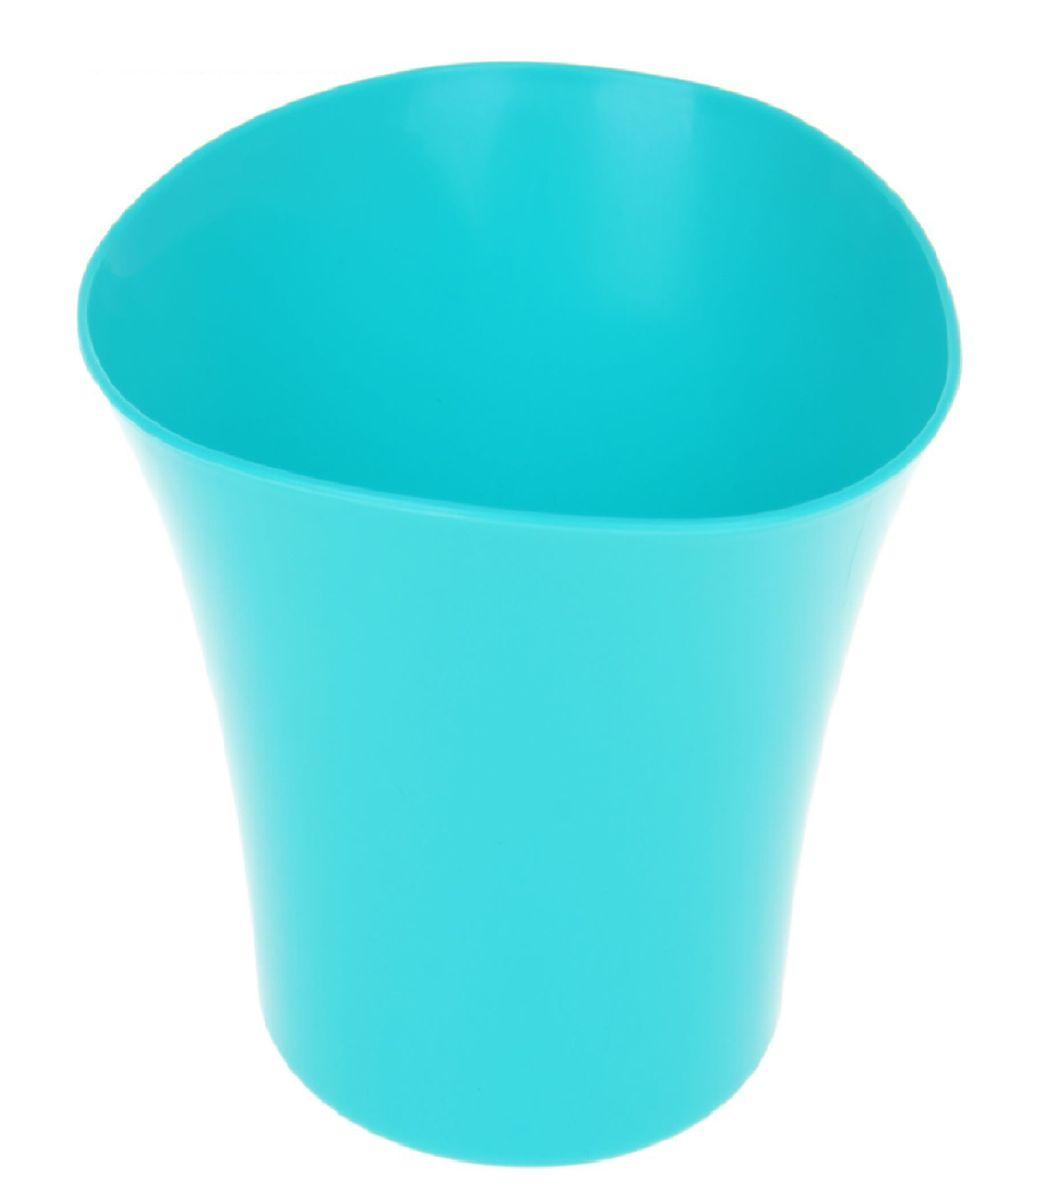 Кашпо JetPlast Волна, цвет: бирюзовый, 1,5 л4612754051885Кашпо Волна имеет уникальную форму, сочетающуюся как с классическим, так и с современным дизайном интерьера. Оно изготовлено из прочного полипропилена (пластика) и предназначено для выращивания растений, цветов и трав в домашних условиях. Такое кашпо порадует вас функциональностью, а благодаря лаконичному дизайну впишется в любой интерьер помещения. Объем кашпо: 1,5 л.